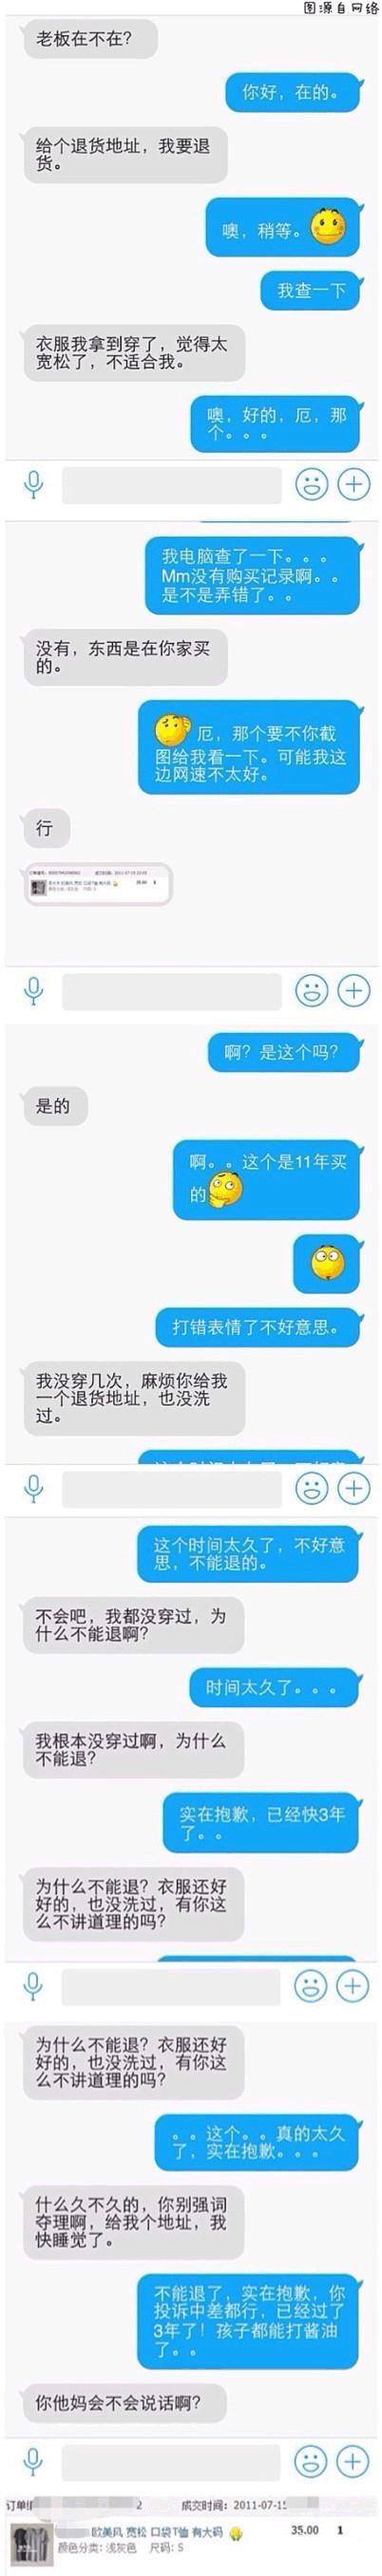 晨博社20150429:网易屡教不改继续告